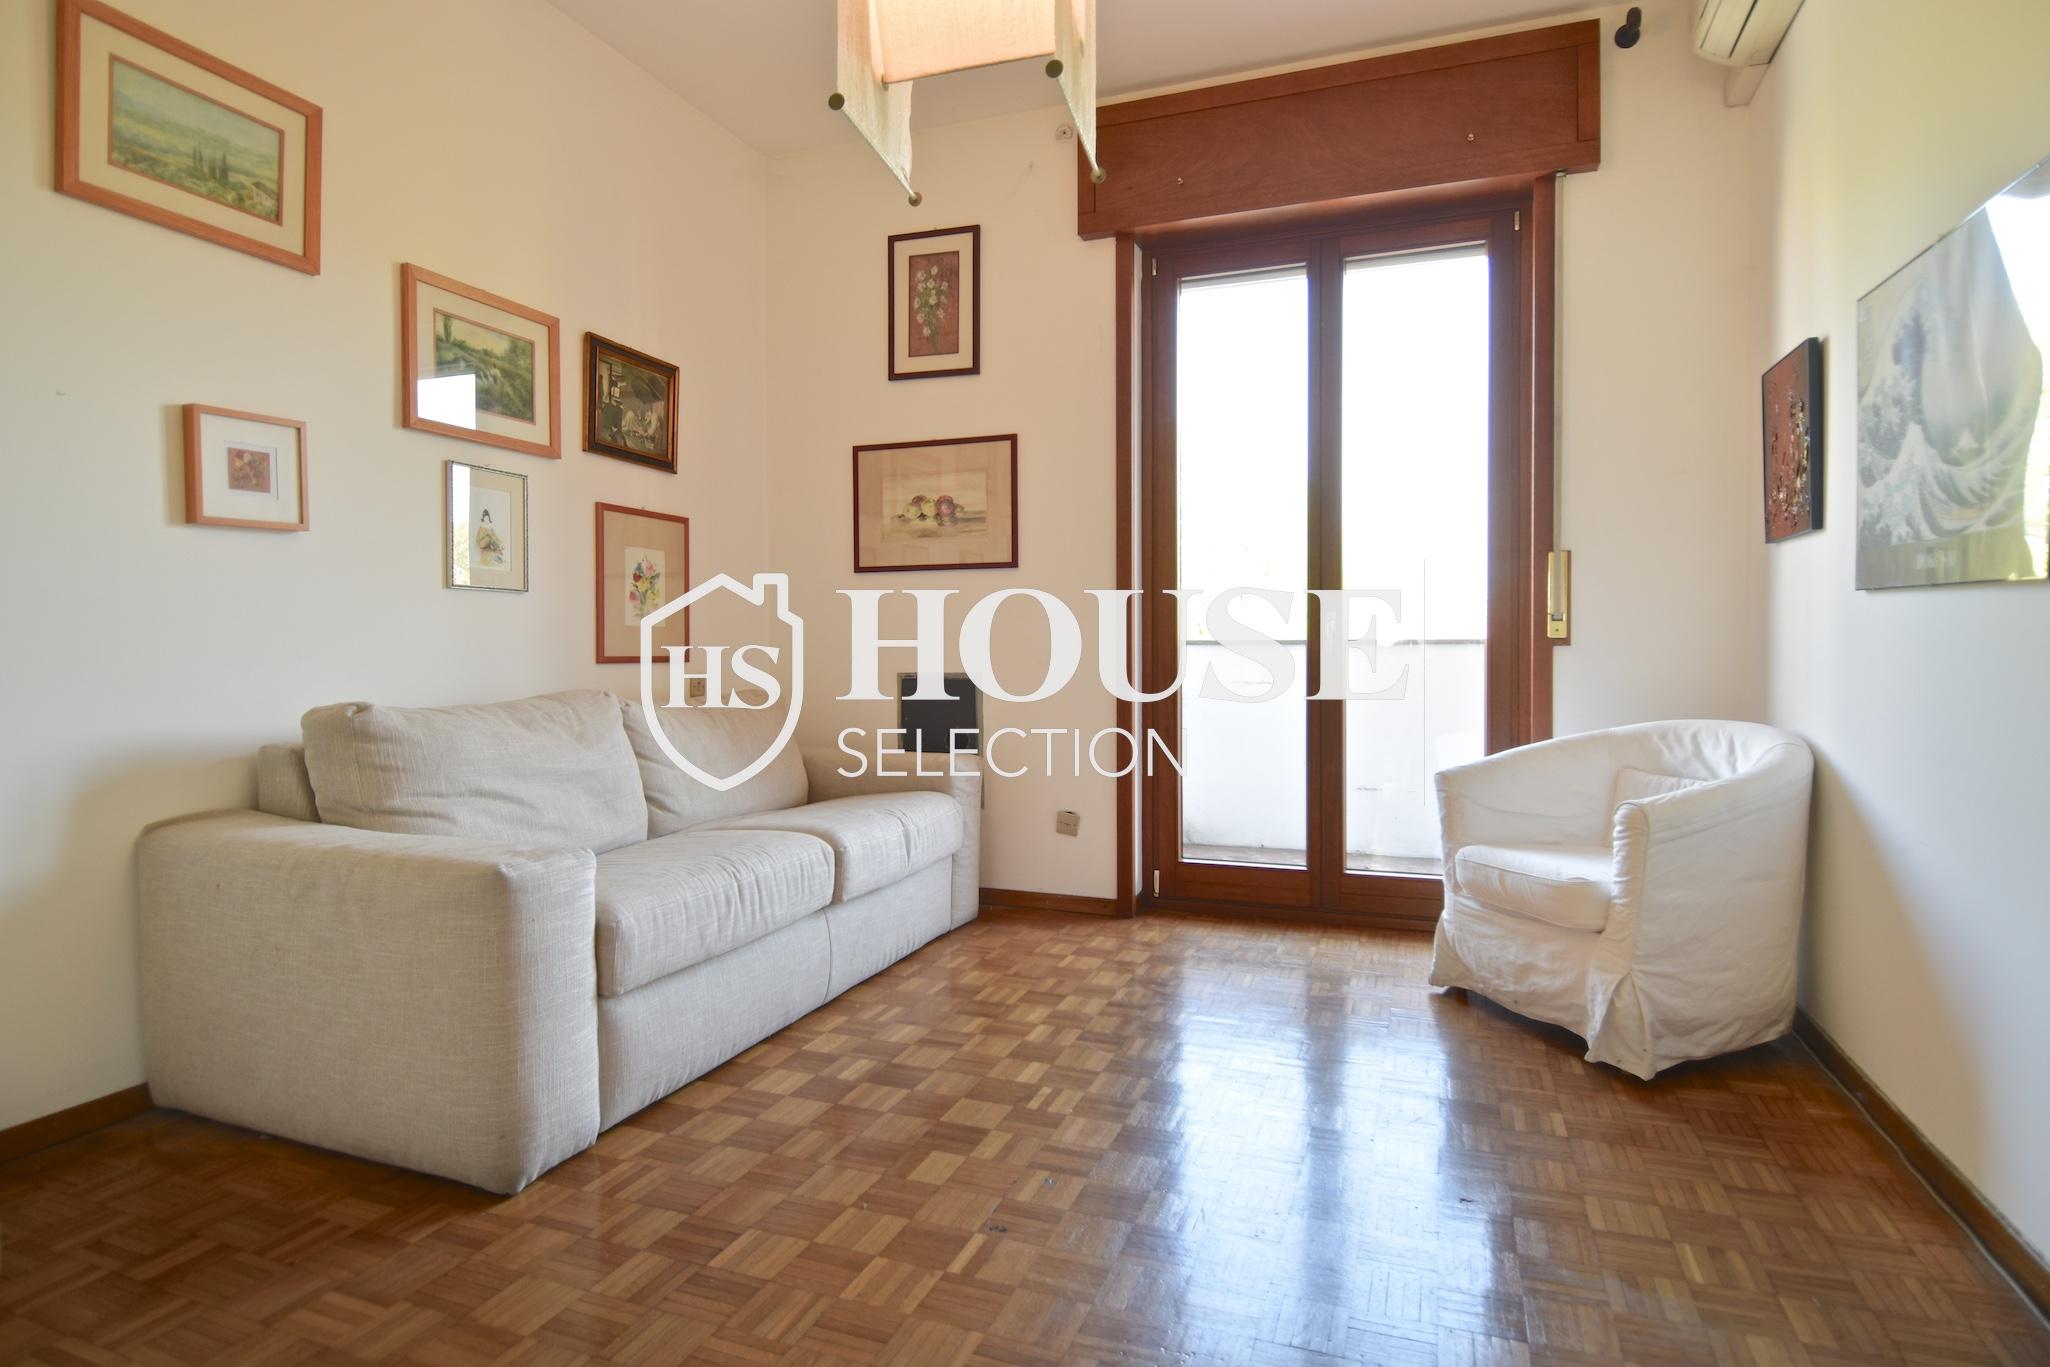 Vendita quadrilocale con balconi, piazza Bolivar, piano alto, luminoso, fermata metropolitana, Milano 1